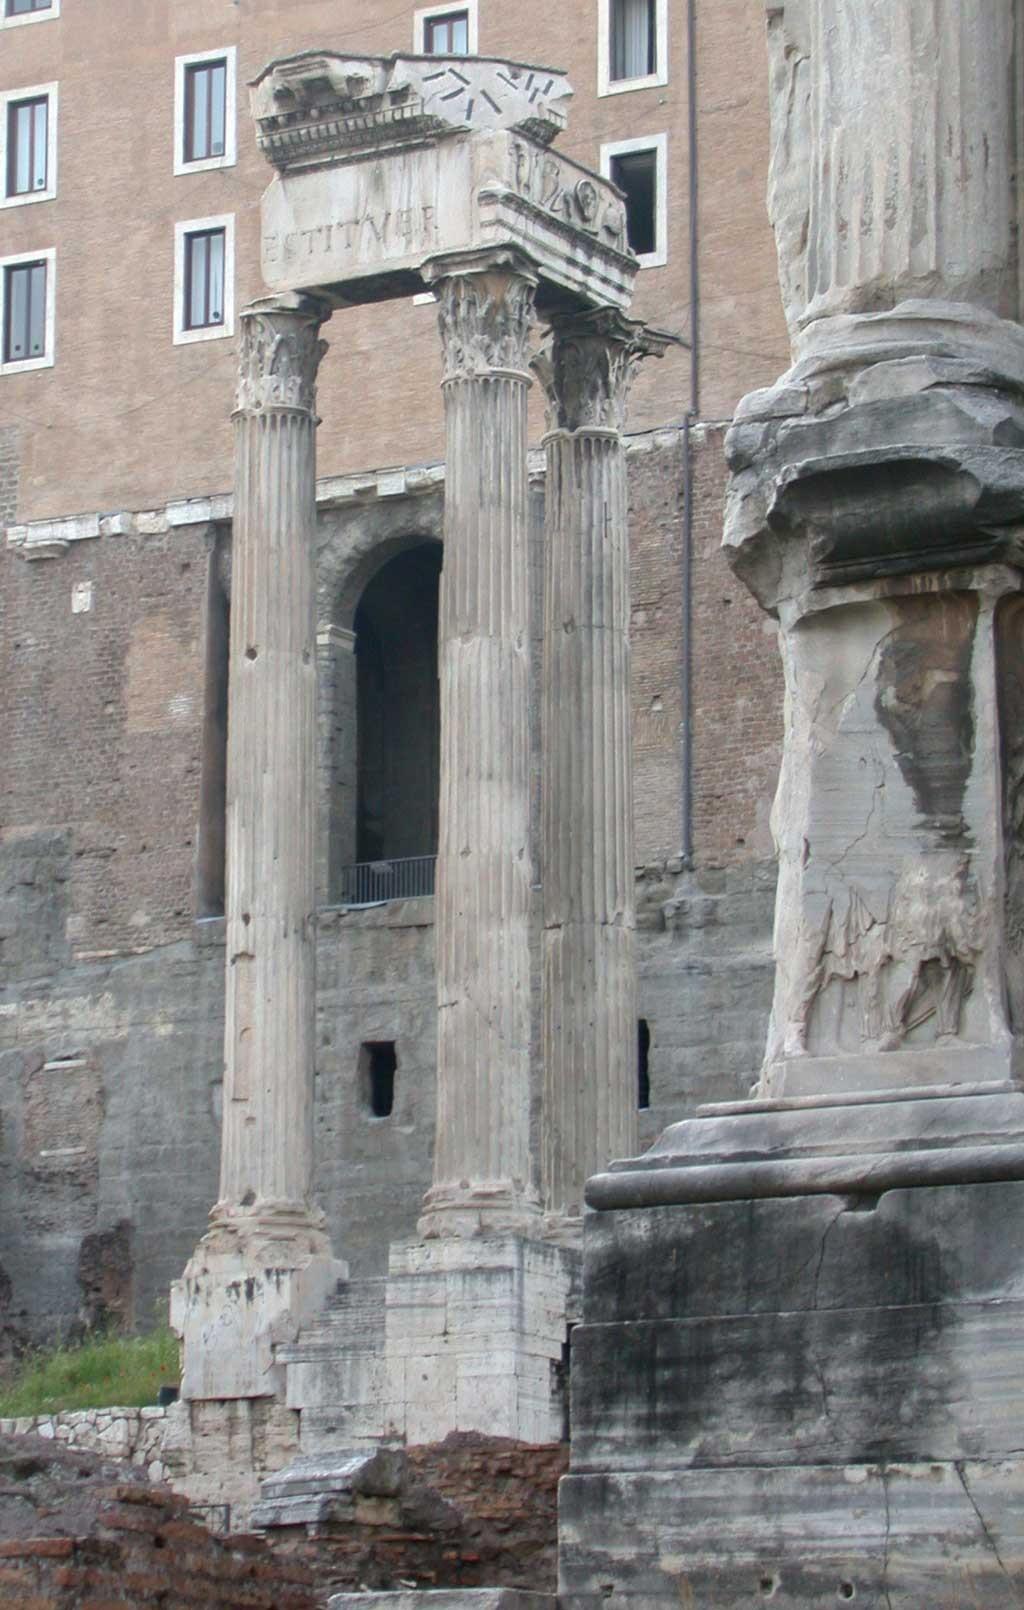 Храм Веспасиана, древнейшие храмы рима,храмы рима, рим античный, достопримечательности рима, римский форум, древние храмы, римские руины